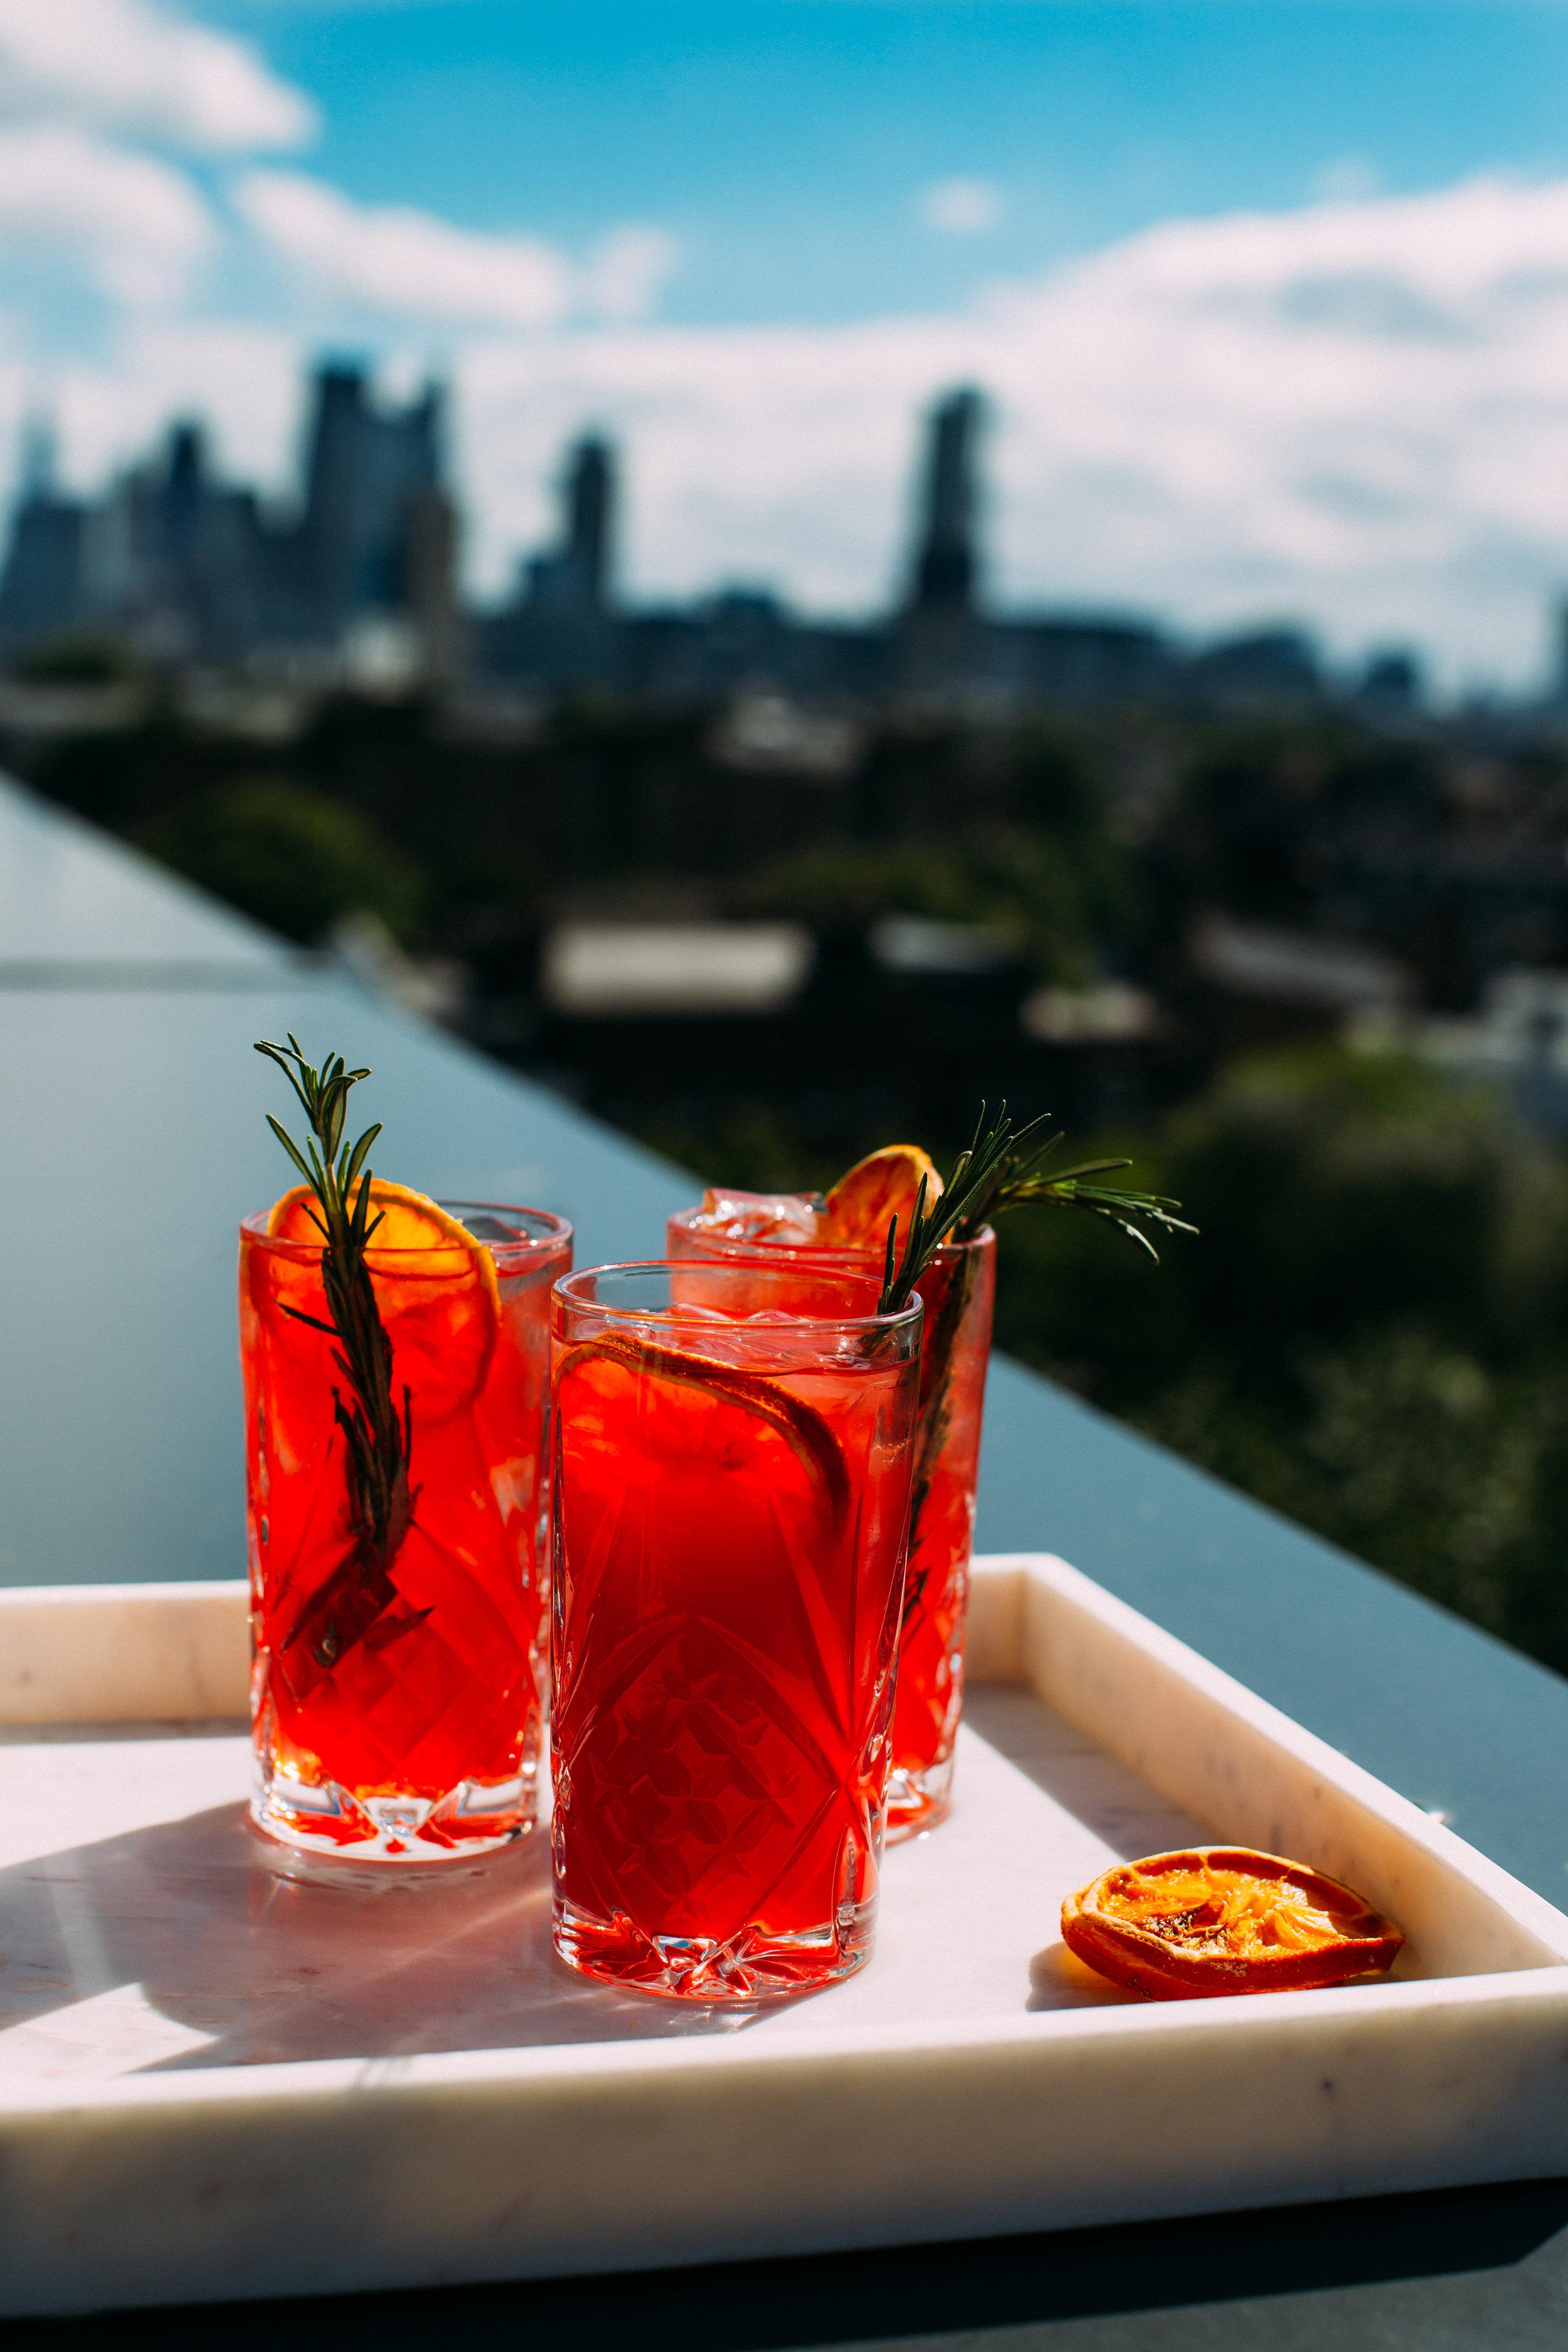 a Zesty Summer Cocktail - Campari and Blood Orange Spritzwith Coriander and Orange Blossom.